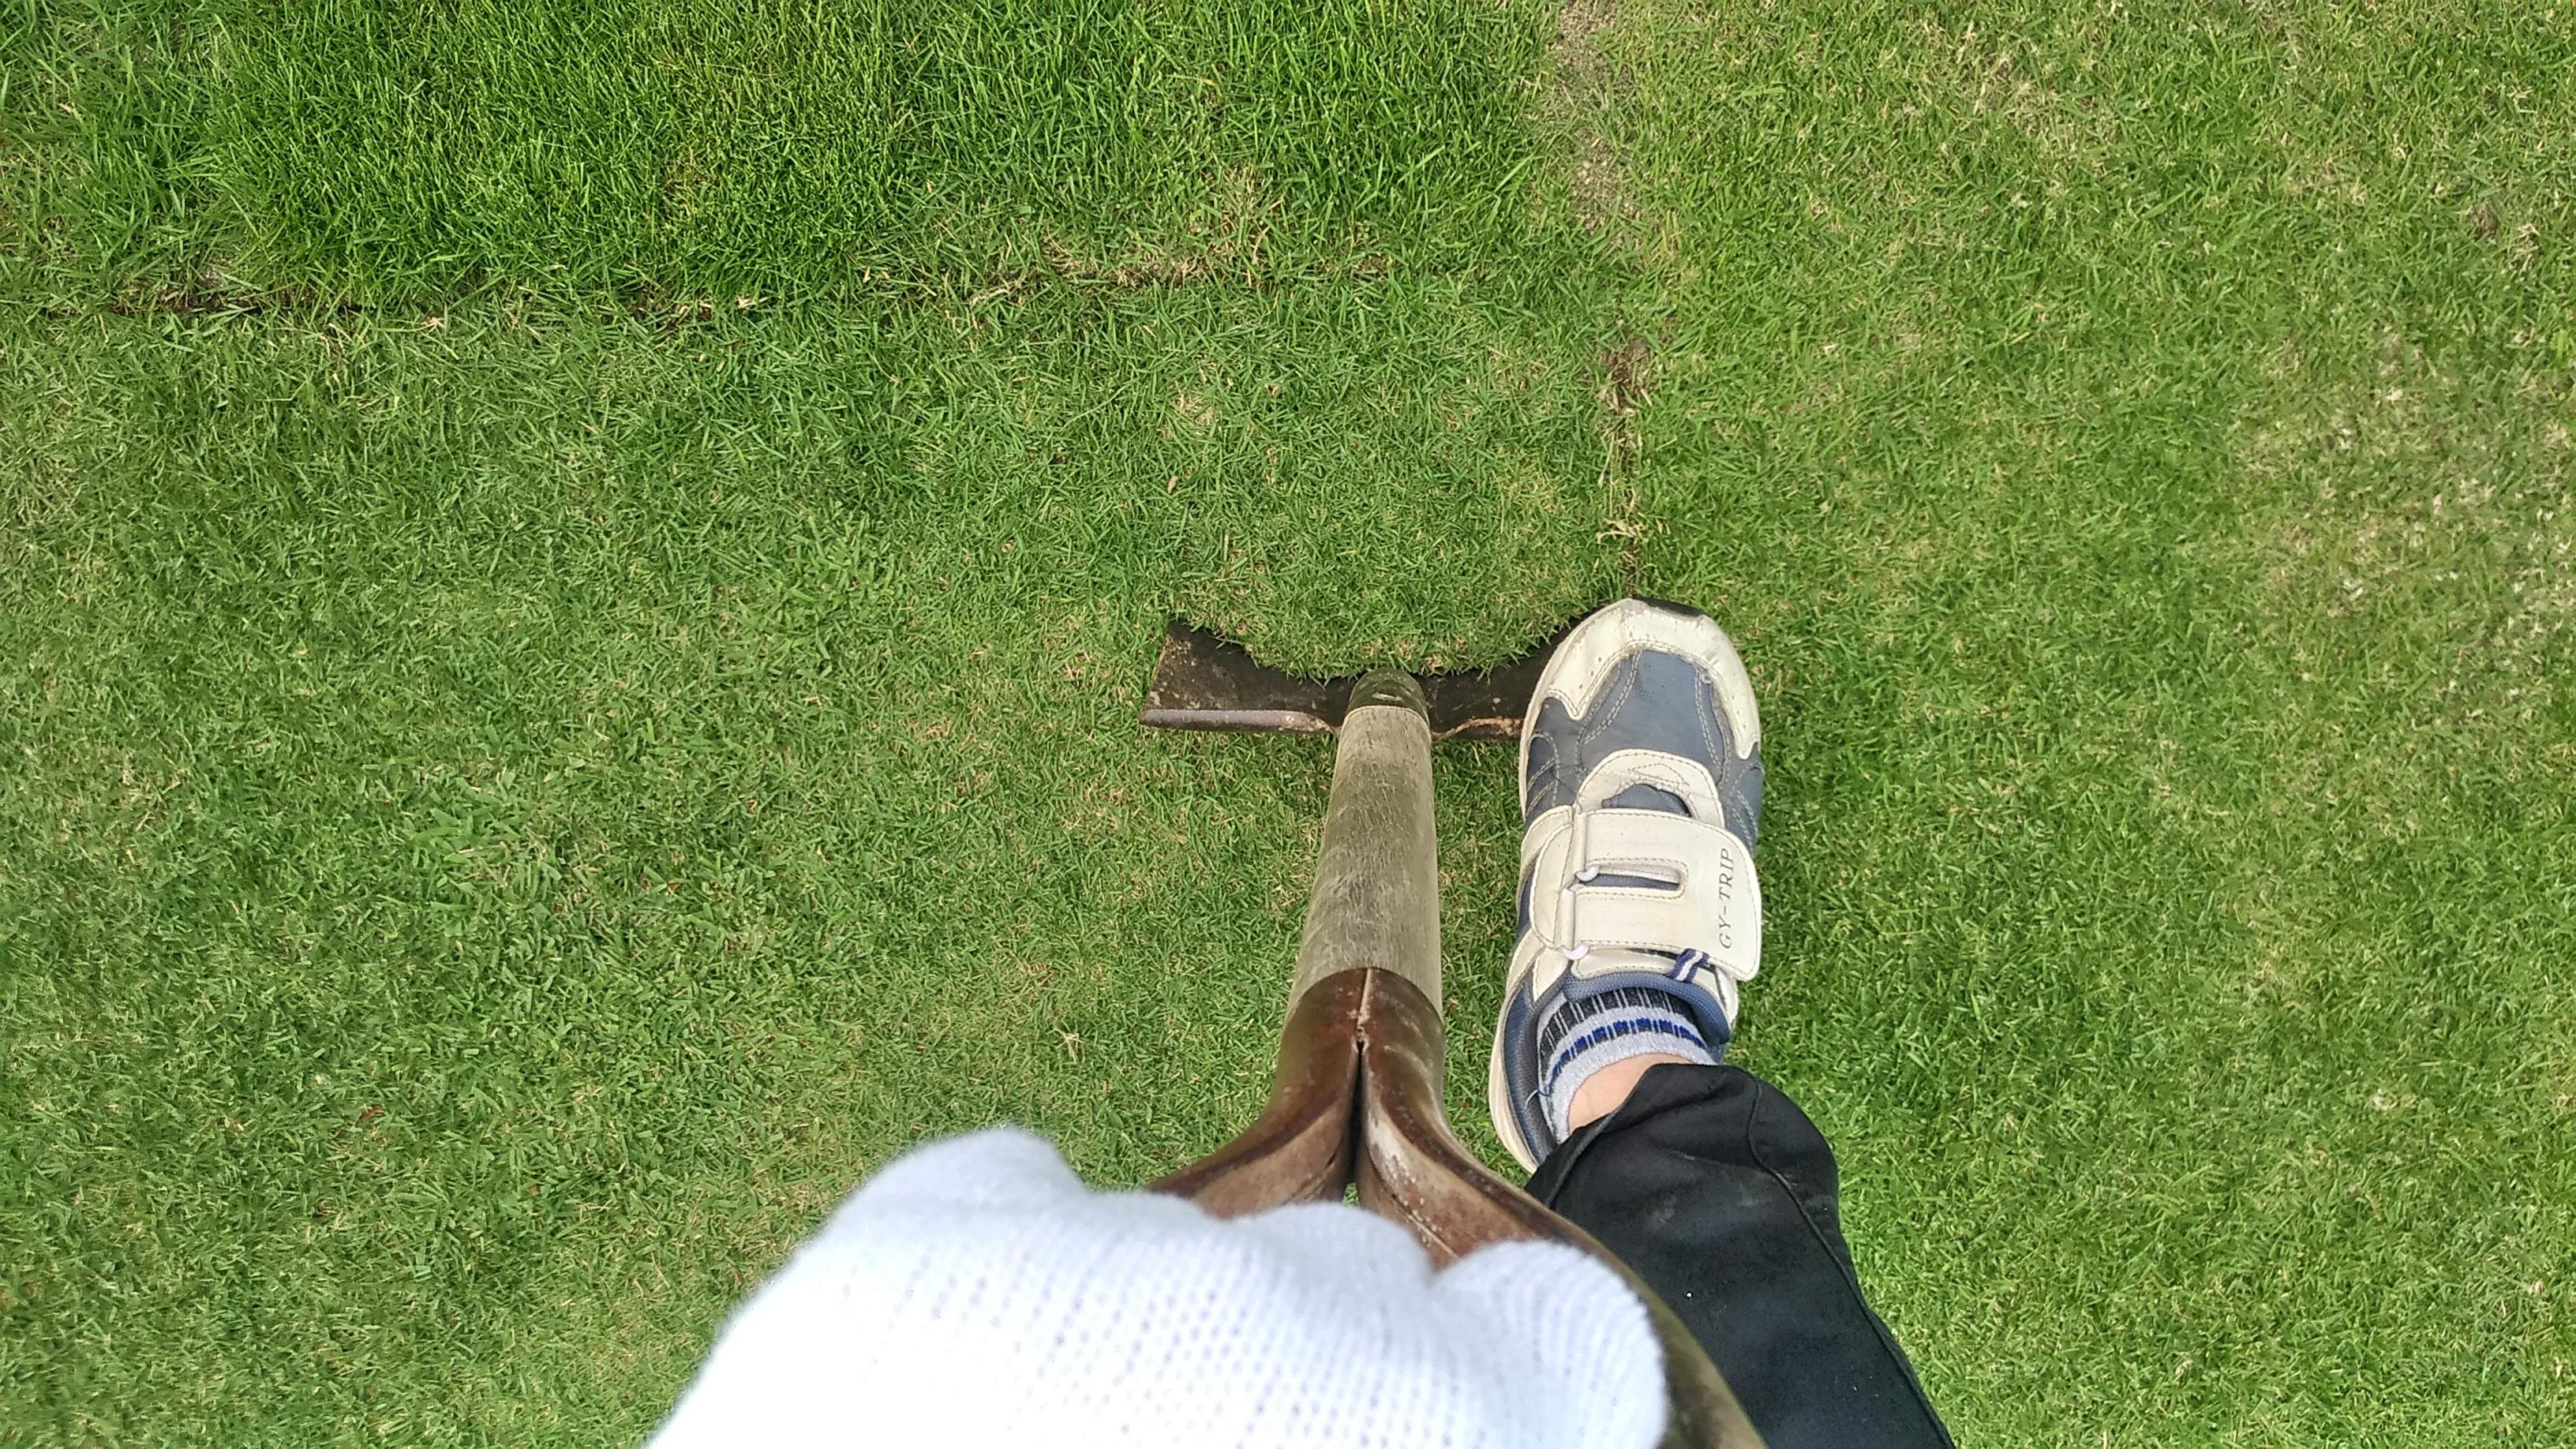 スコップ1本で簡単な芝生の剥がし方😃✨